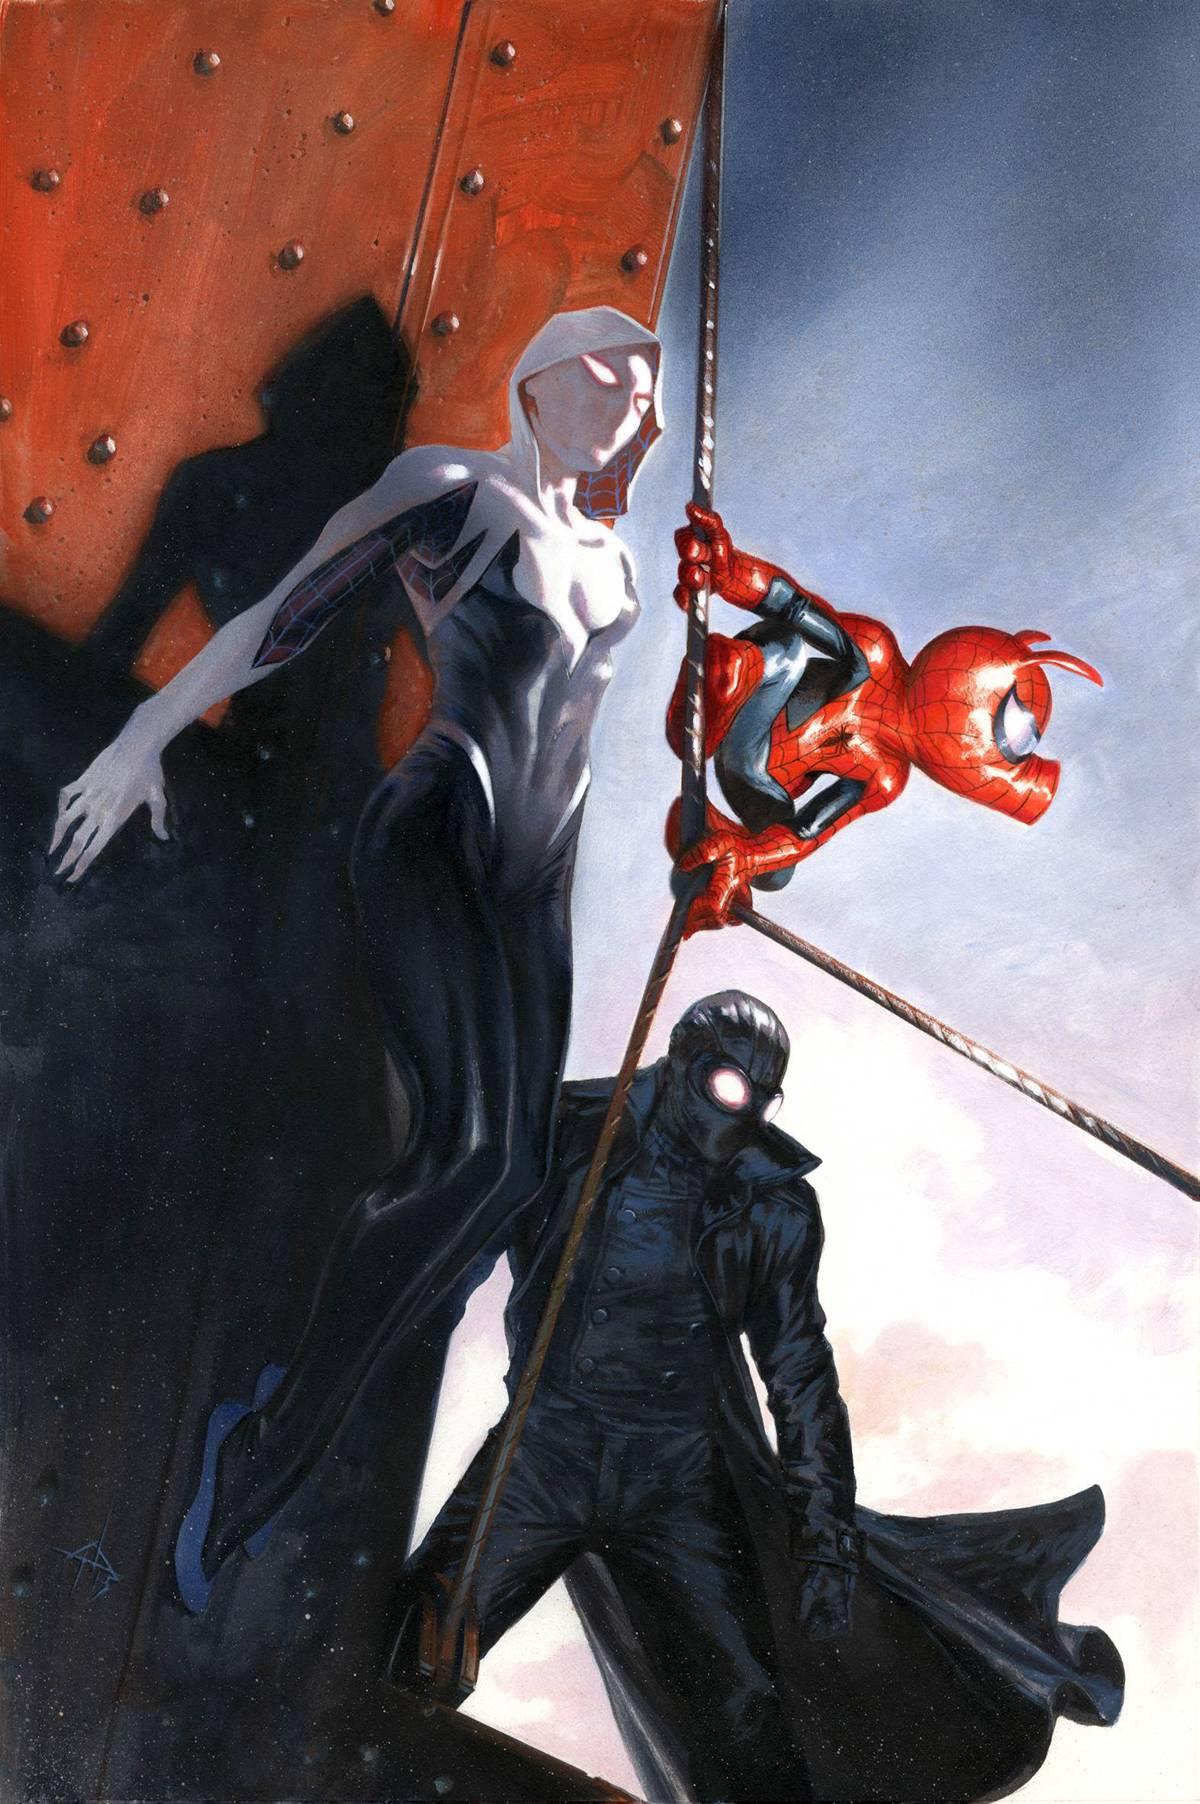 Web Warriors #2 variant cover, Marvel Comics (2015).